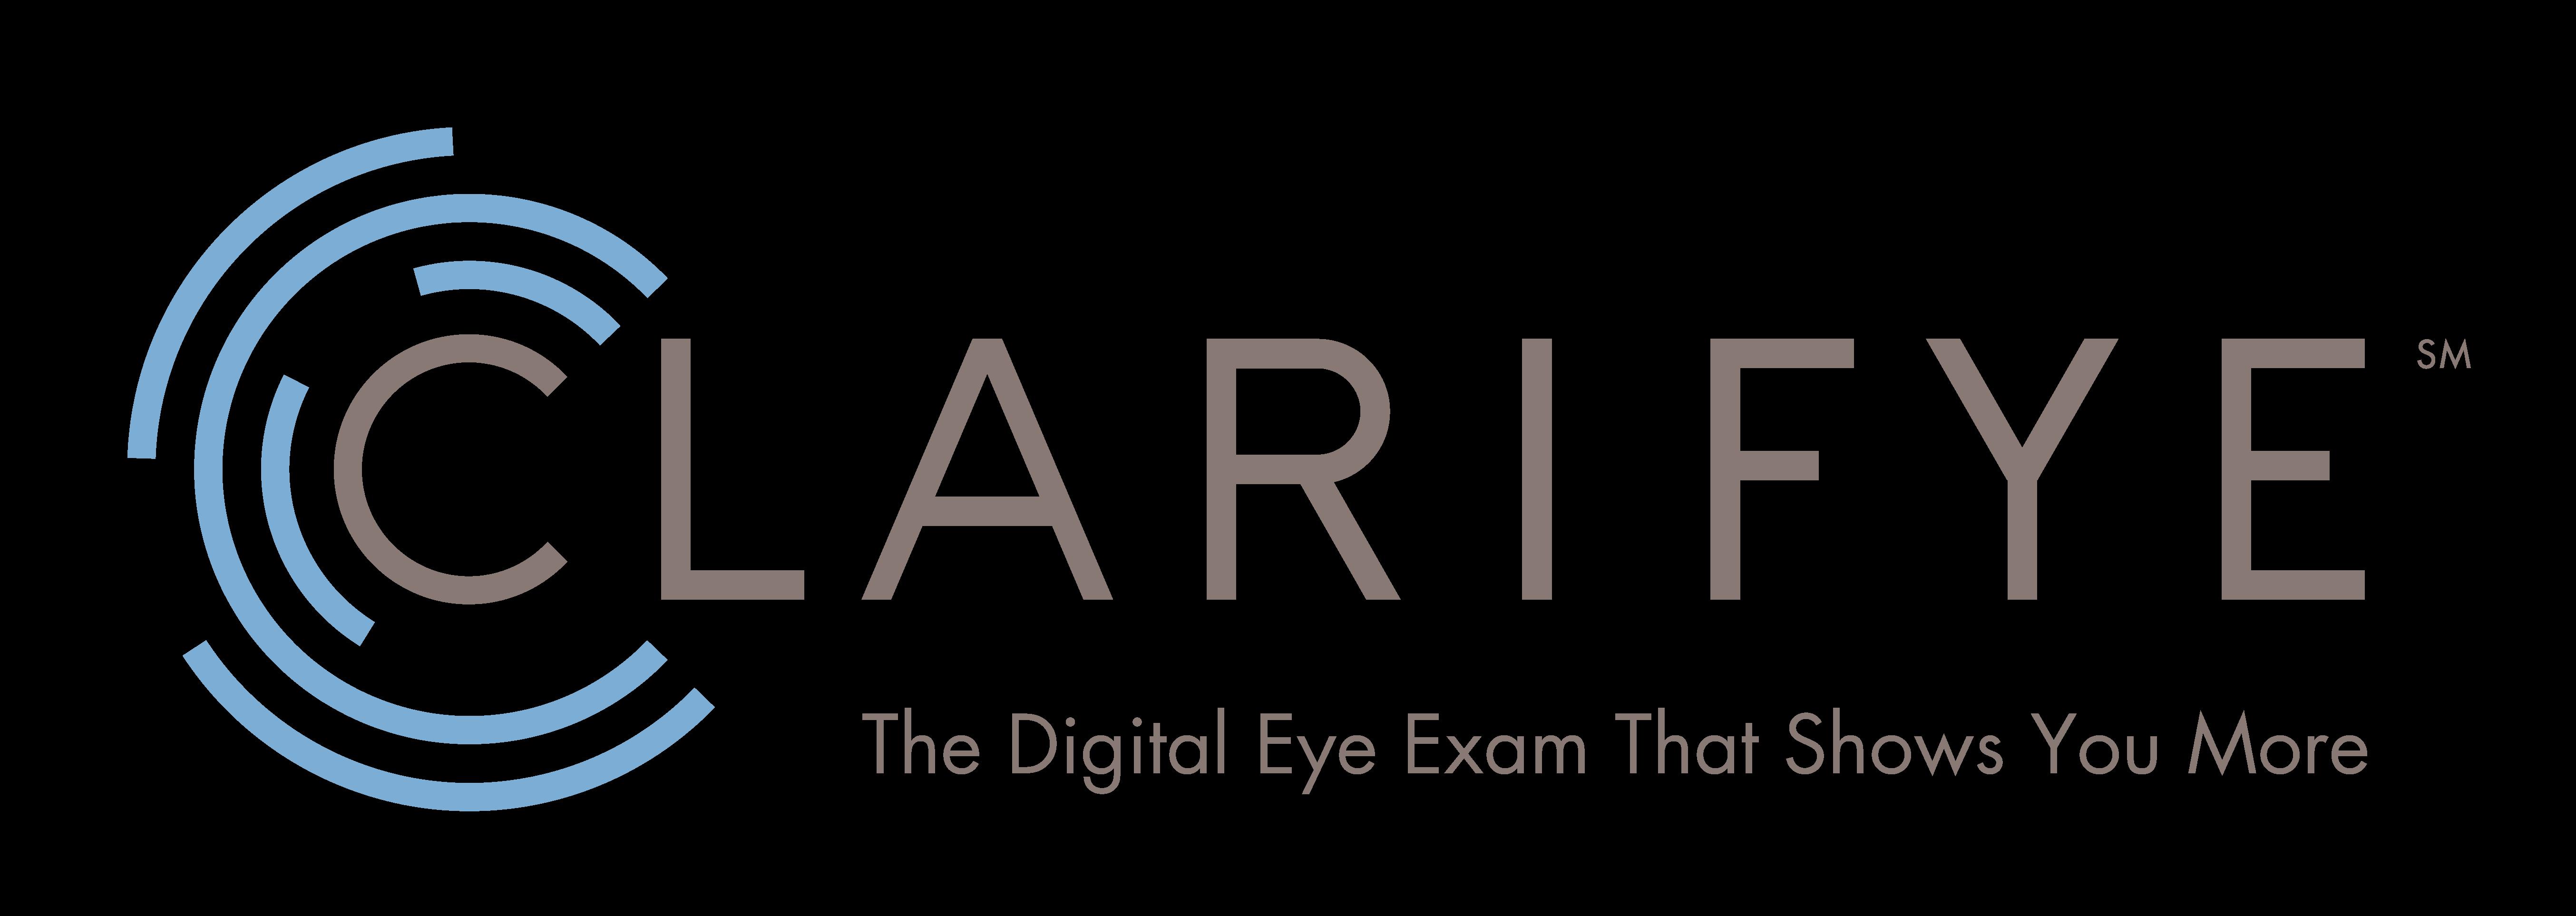 Clarifye Eye Exam, Scottsdale, AZ eye doctor